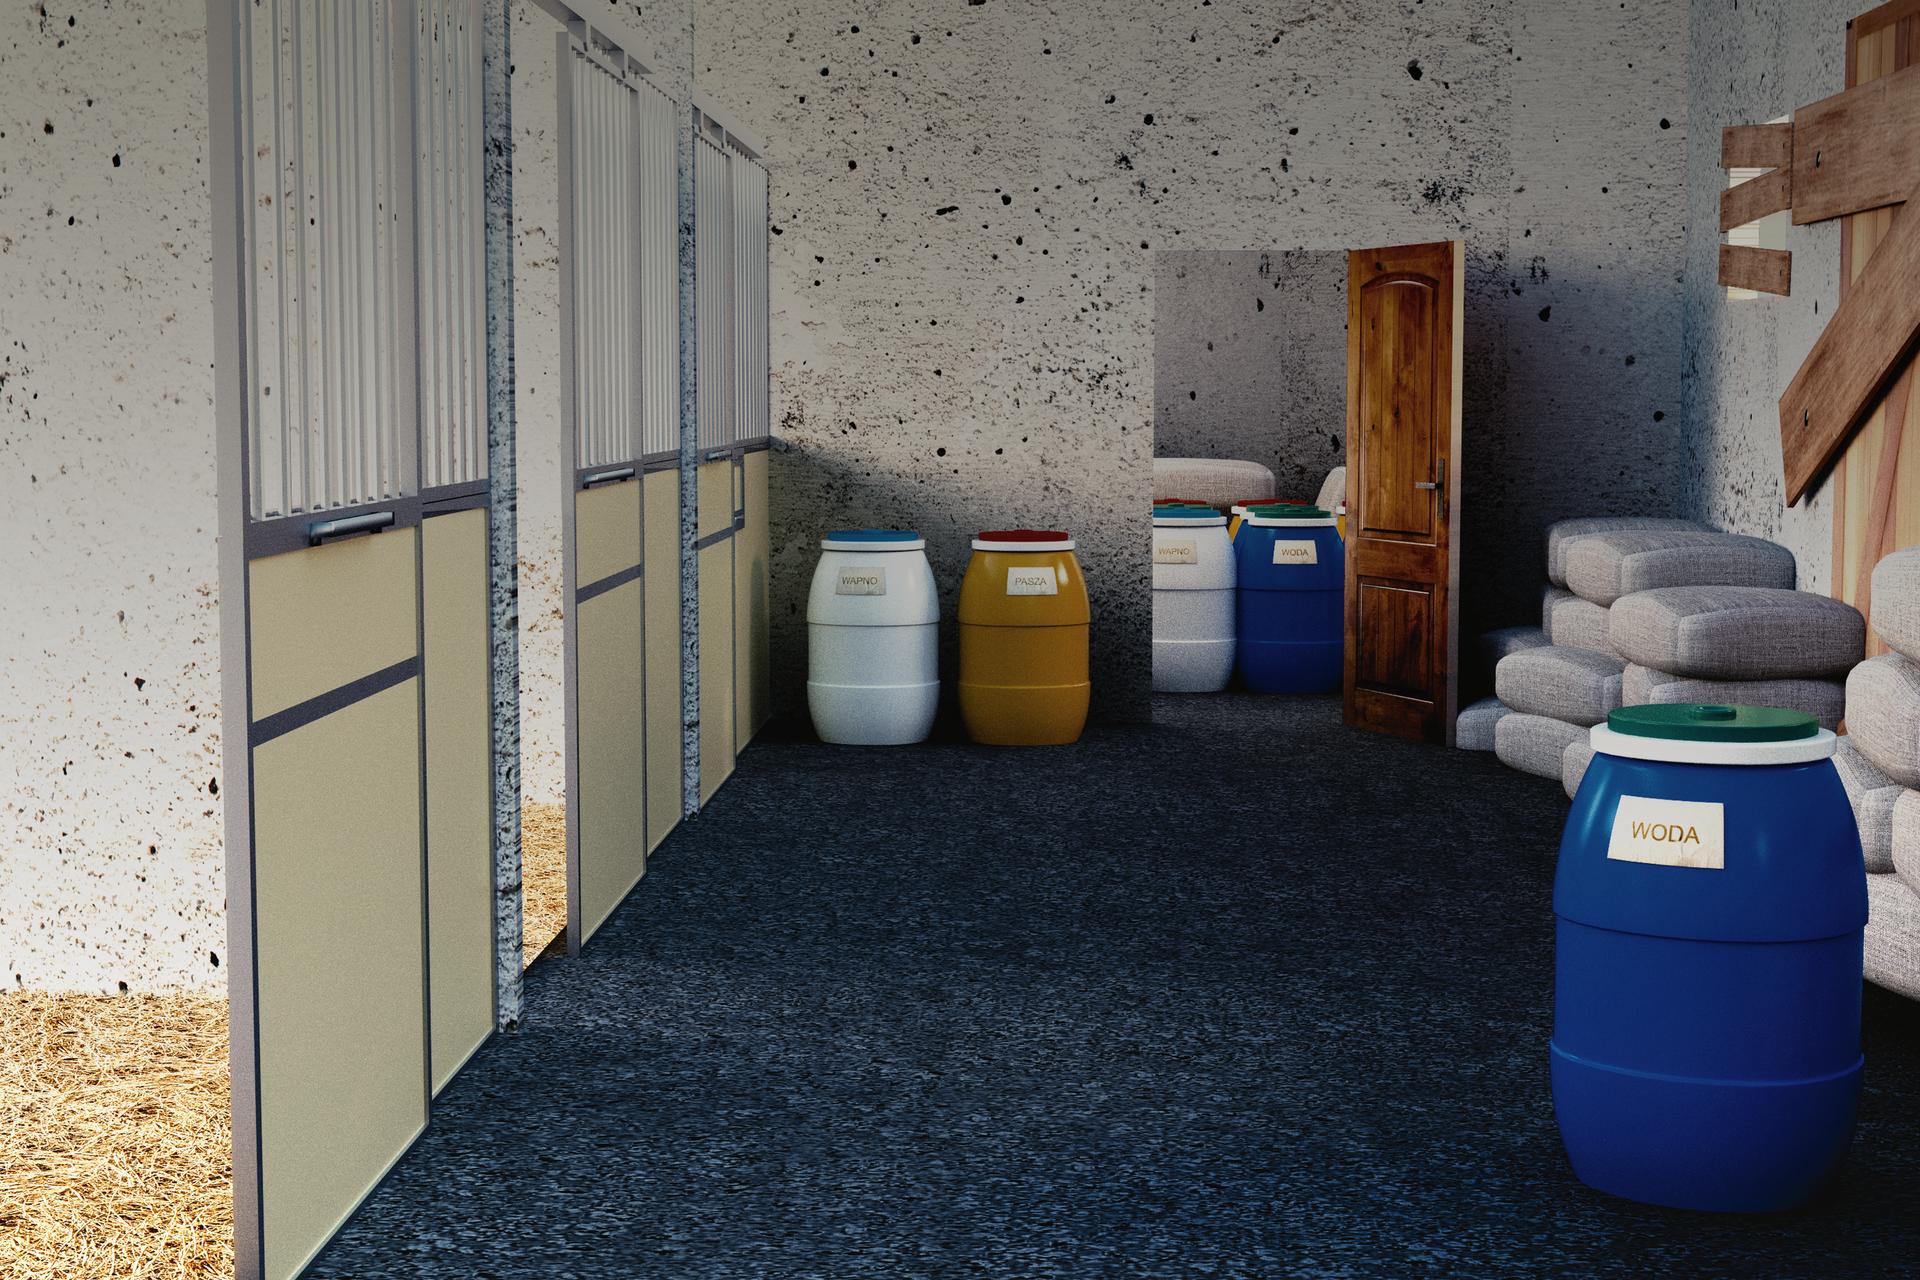 Kolorowe zdjęcie przedstawia wnętrze budynku inwentarskiego. Wnętrze wperspektywie zbieżnej. Zprawej strony stoi duża plastikowa beczka. Na beczce napis: woda. Za beczką, wzdłuż prawej ściany, worki ułożone po 4 jeden na drugim. Wtle, otwarte drzwi do drugiego pomieszczenia. Na lewo od drzwi dwie plastikowe beczki. Wzdłuż lewej ściany drzwi do pozostałych pomieszczeń.